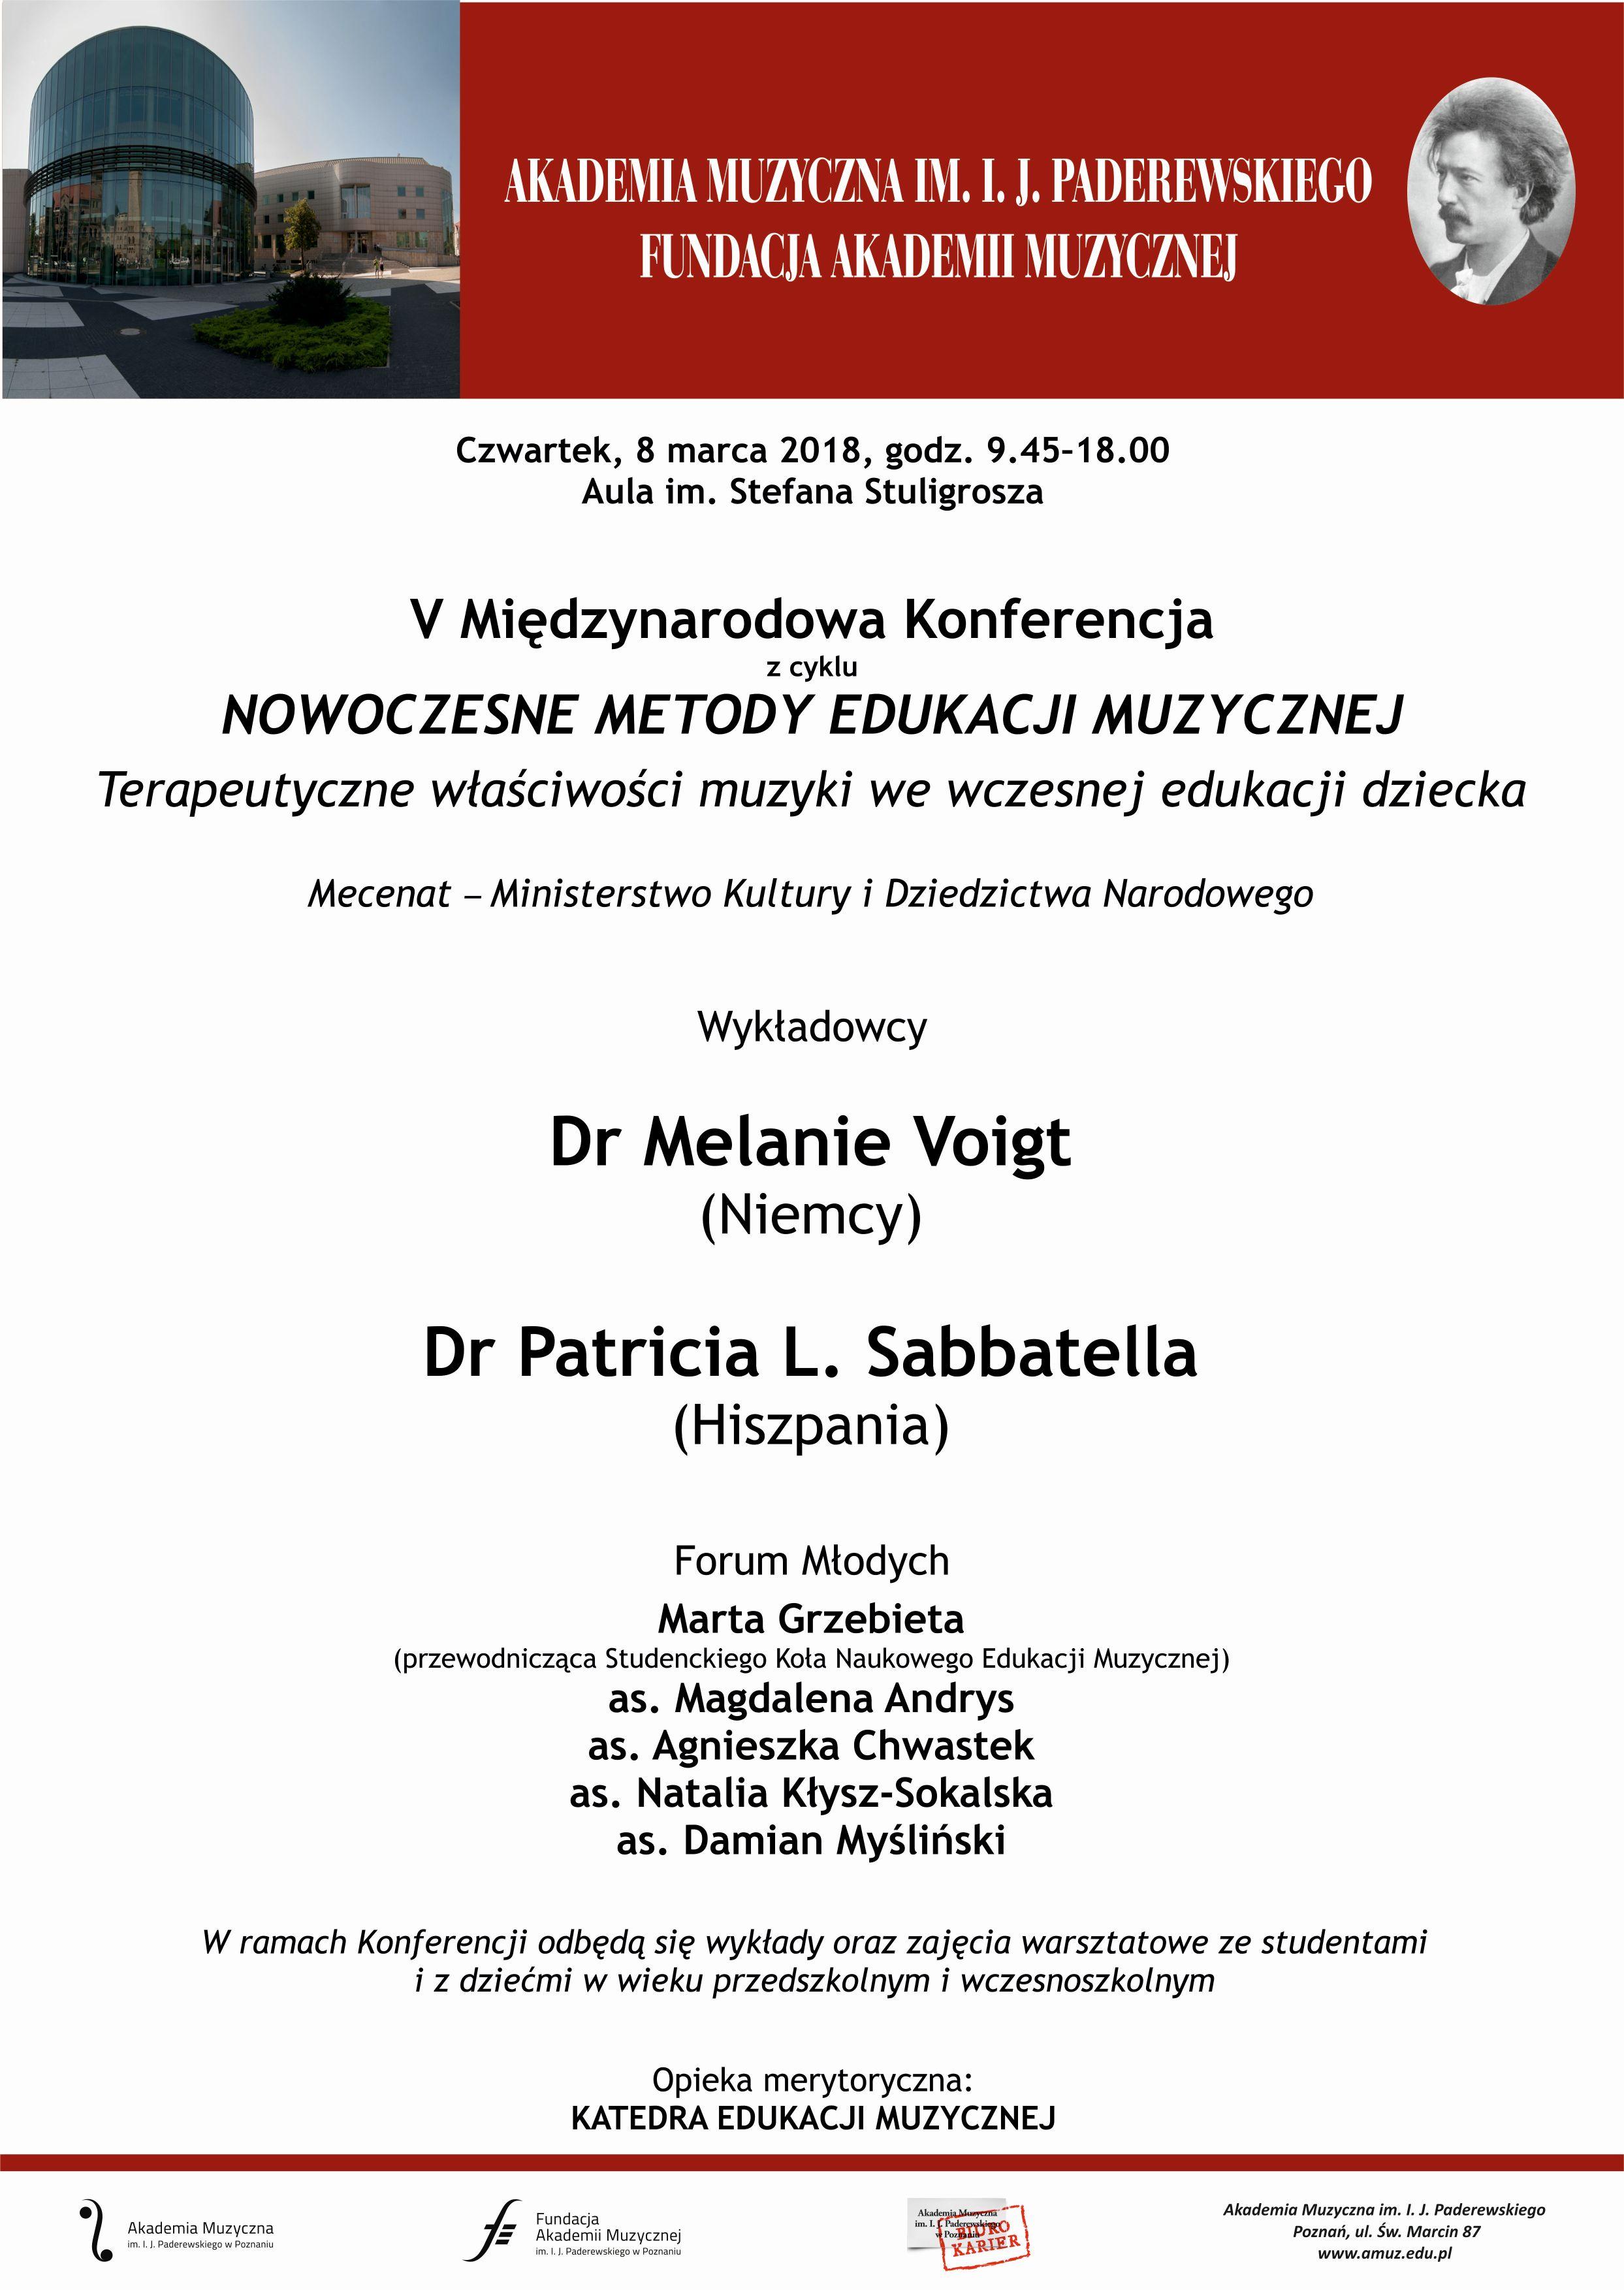 Międzynarodowa Konferencja Metodyczna dla nauczycieli muzyki